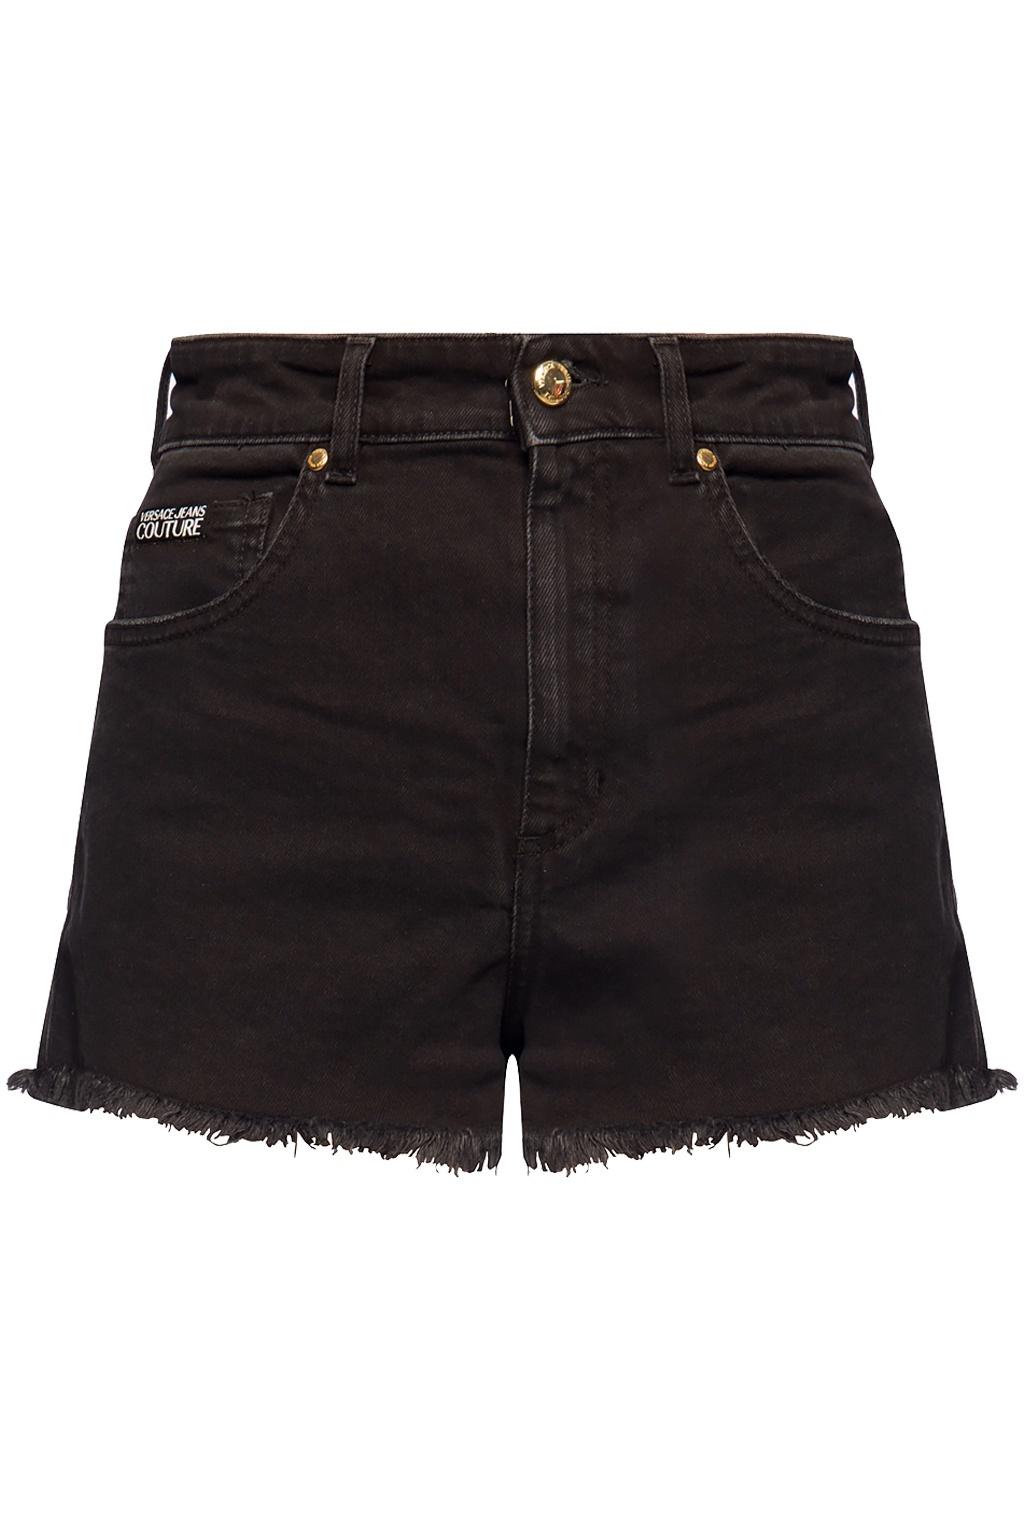 VERSACE JEANS COUTURE VERSACE JEANS COUTURE SHORT PANTS A3HVA18J - BLACK